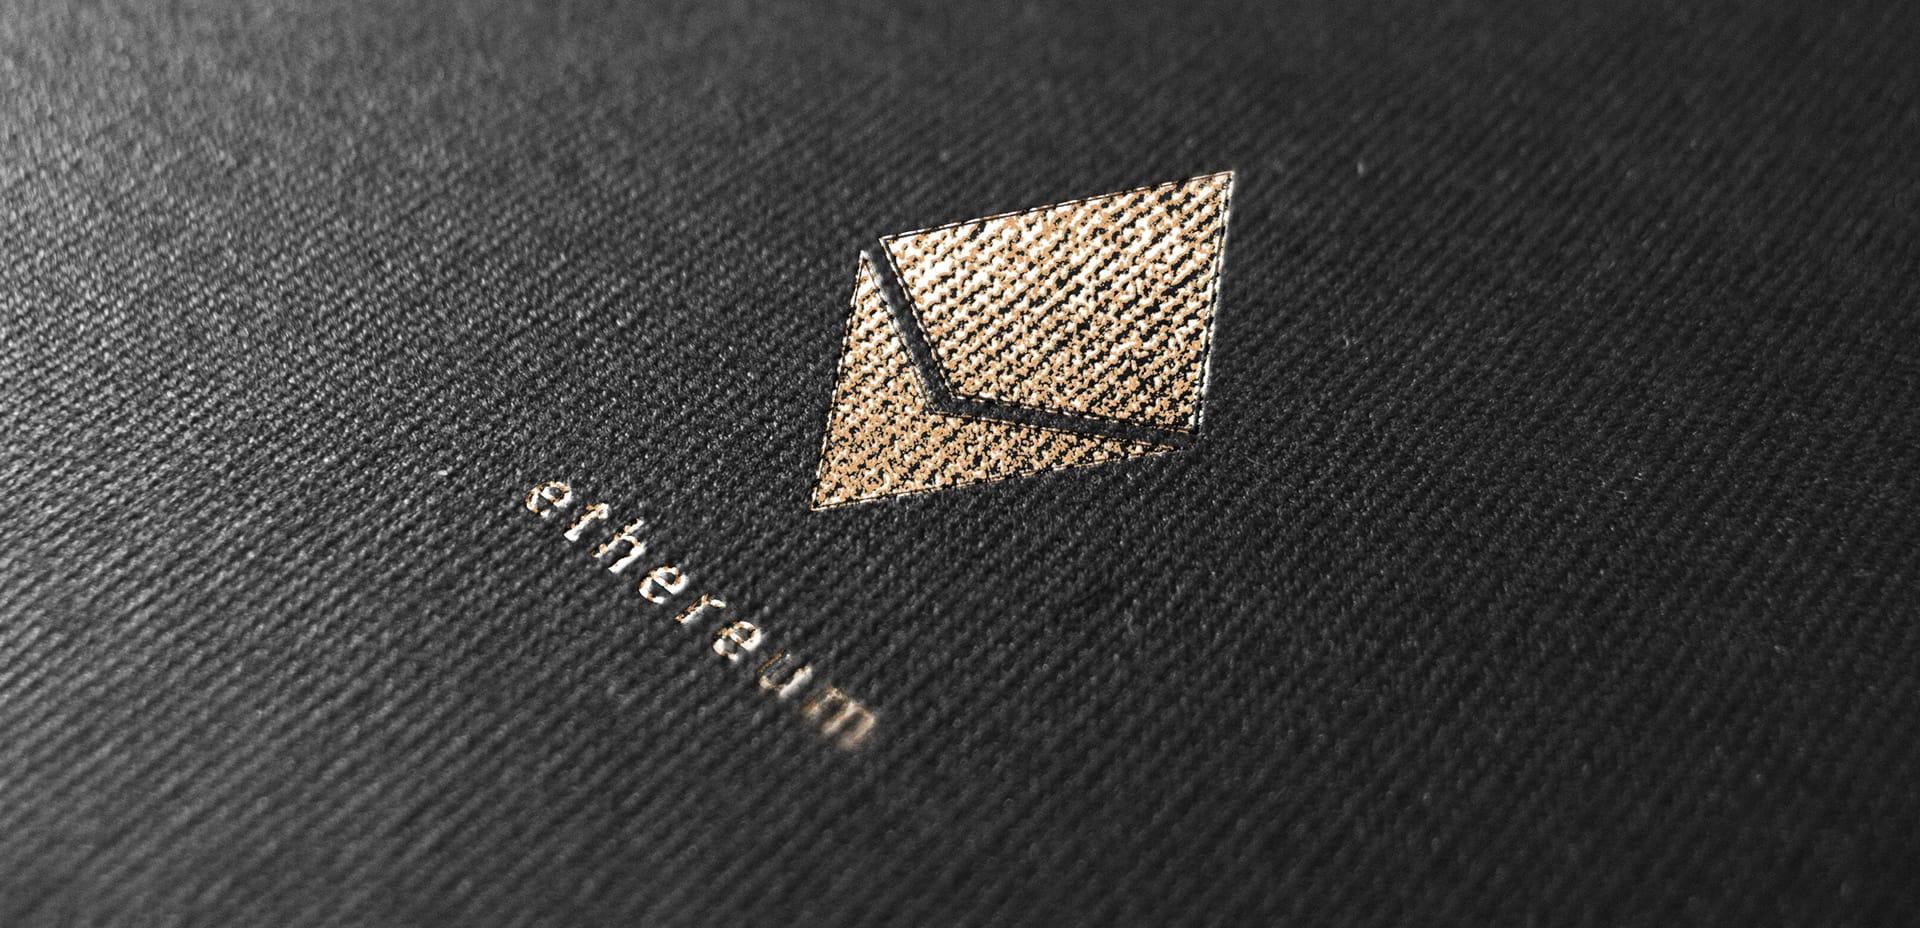 State of the ÐApps – L'annuaire des applications décentralisées à base d'Ethereum